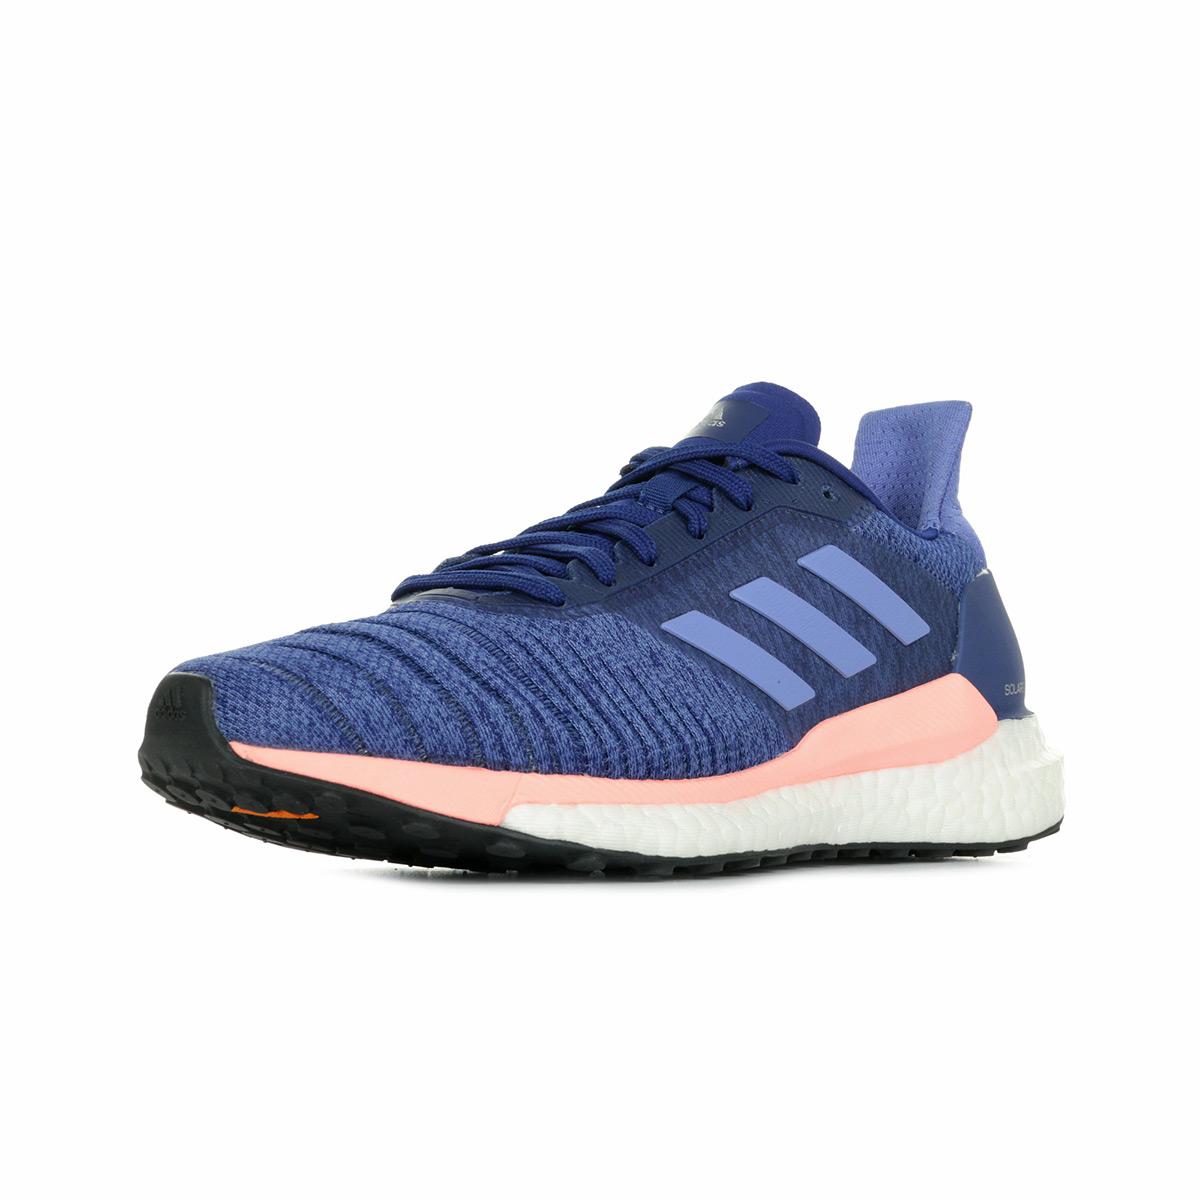 Détails sur Chaussures Baskets adidas Performance femme Solar Glide Wn's taille Bleu Bleue